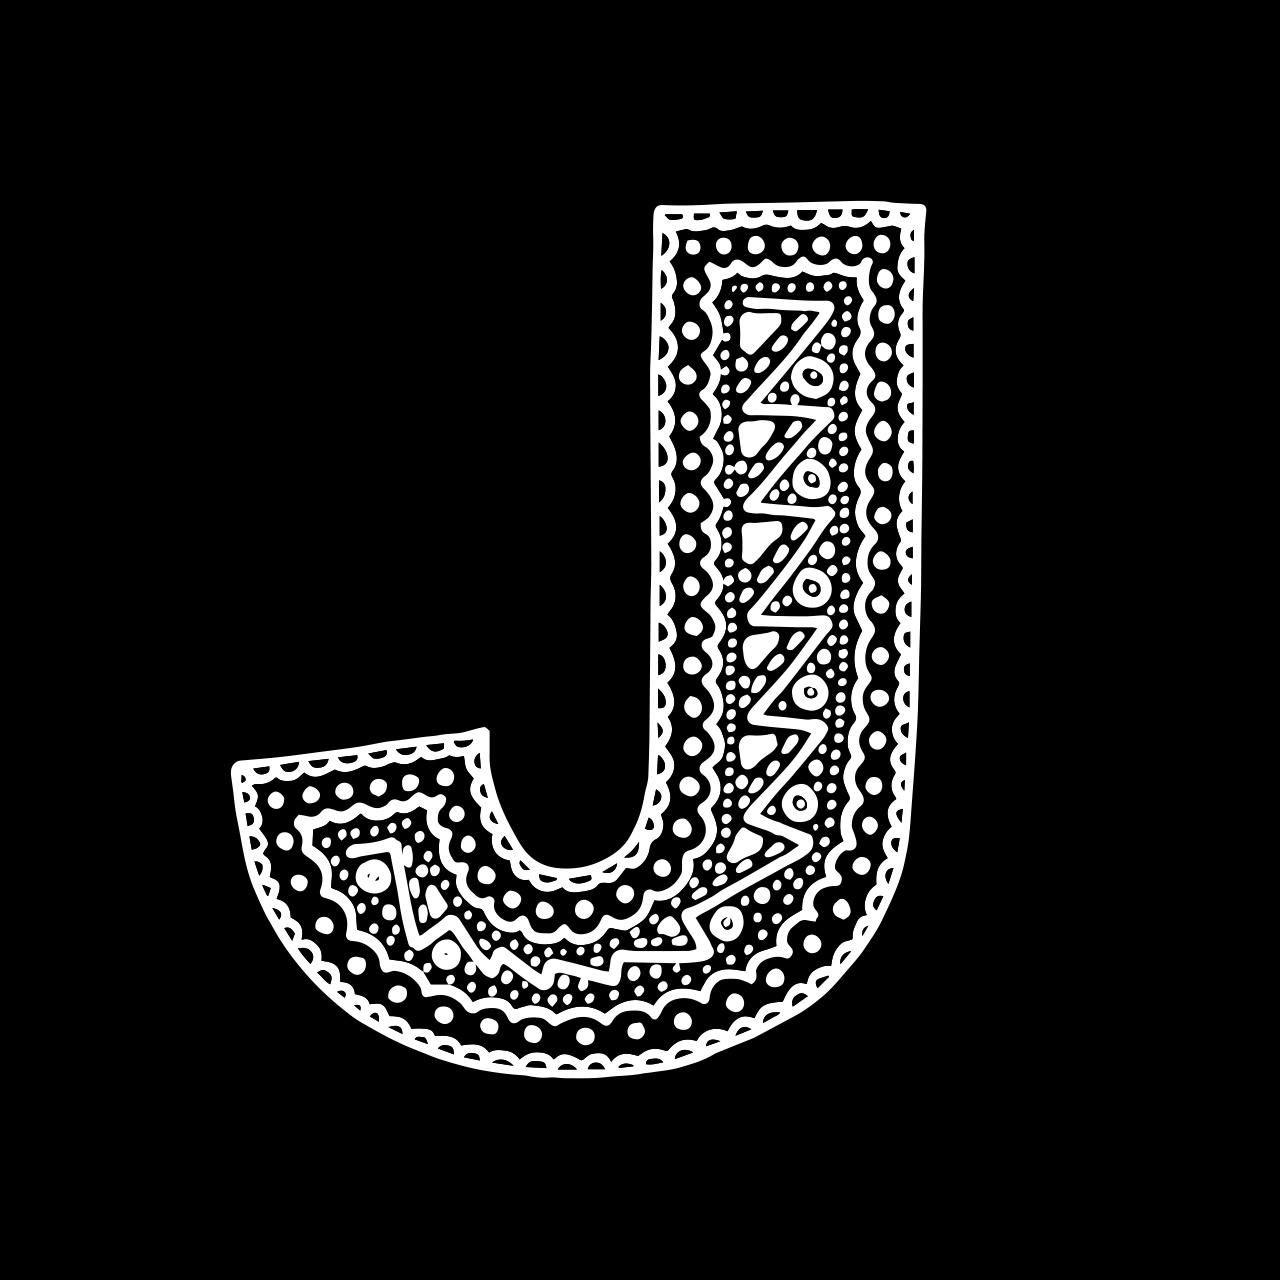 Simple_Letters_BWArtboard 1_10.jpg